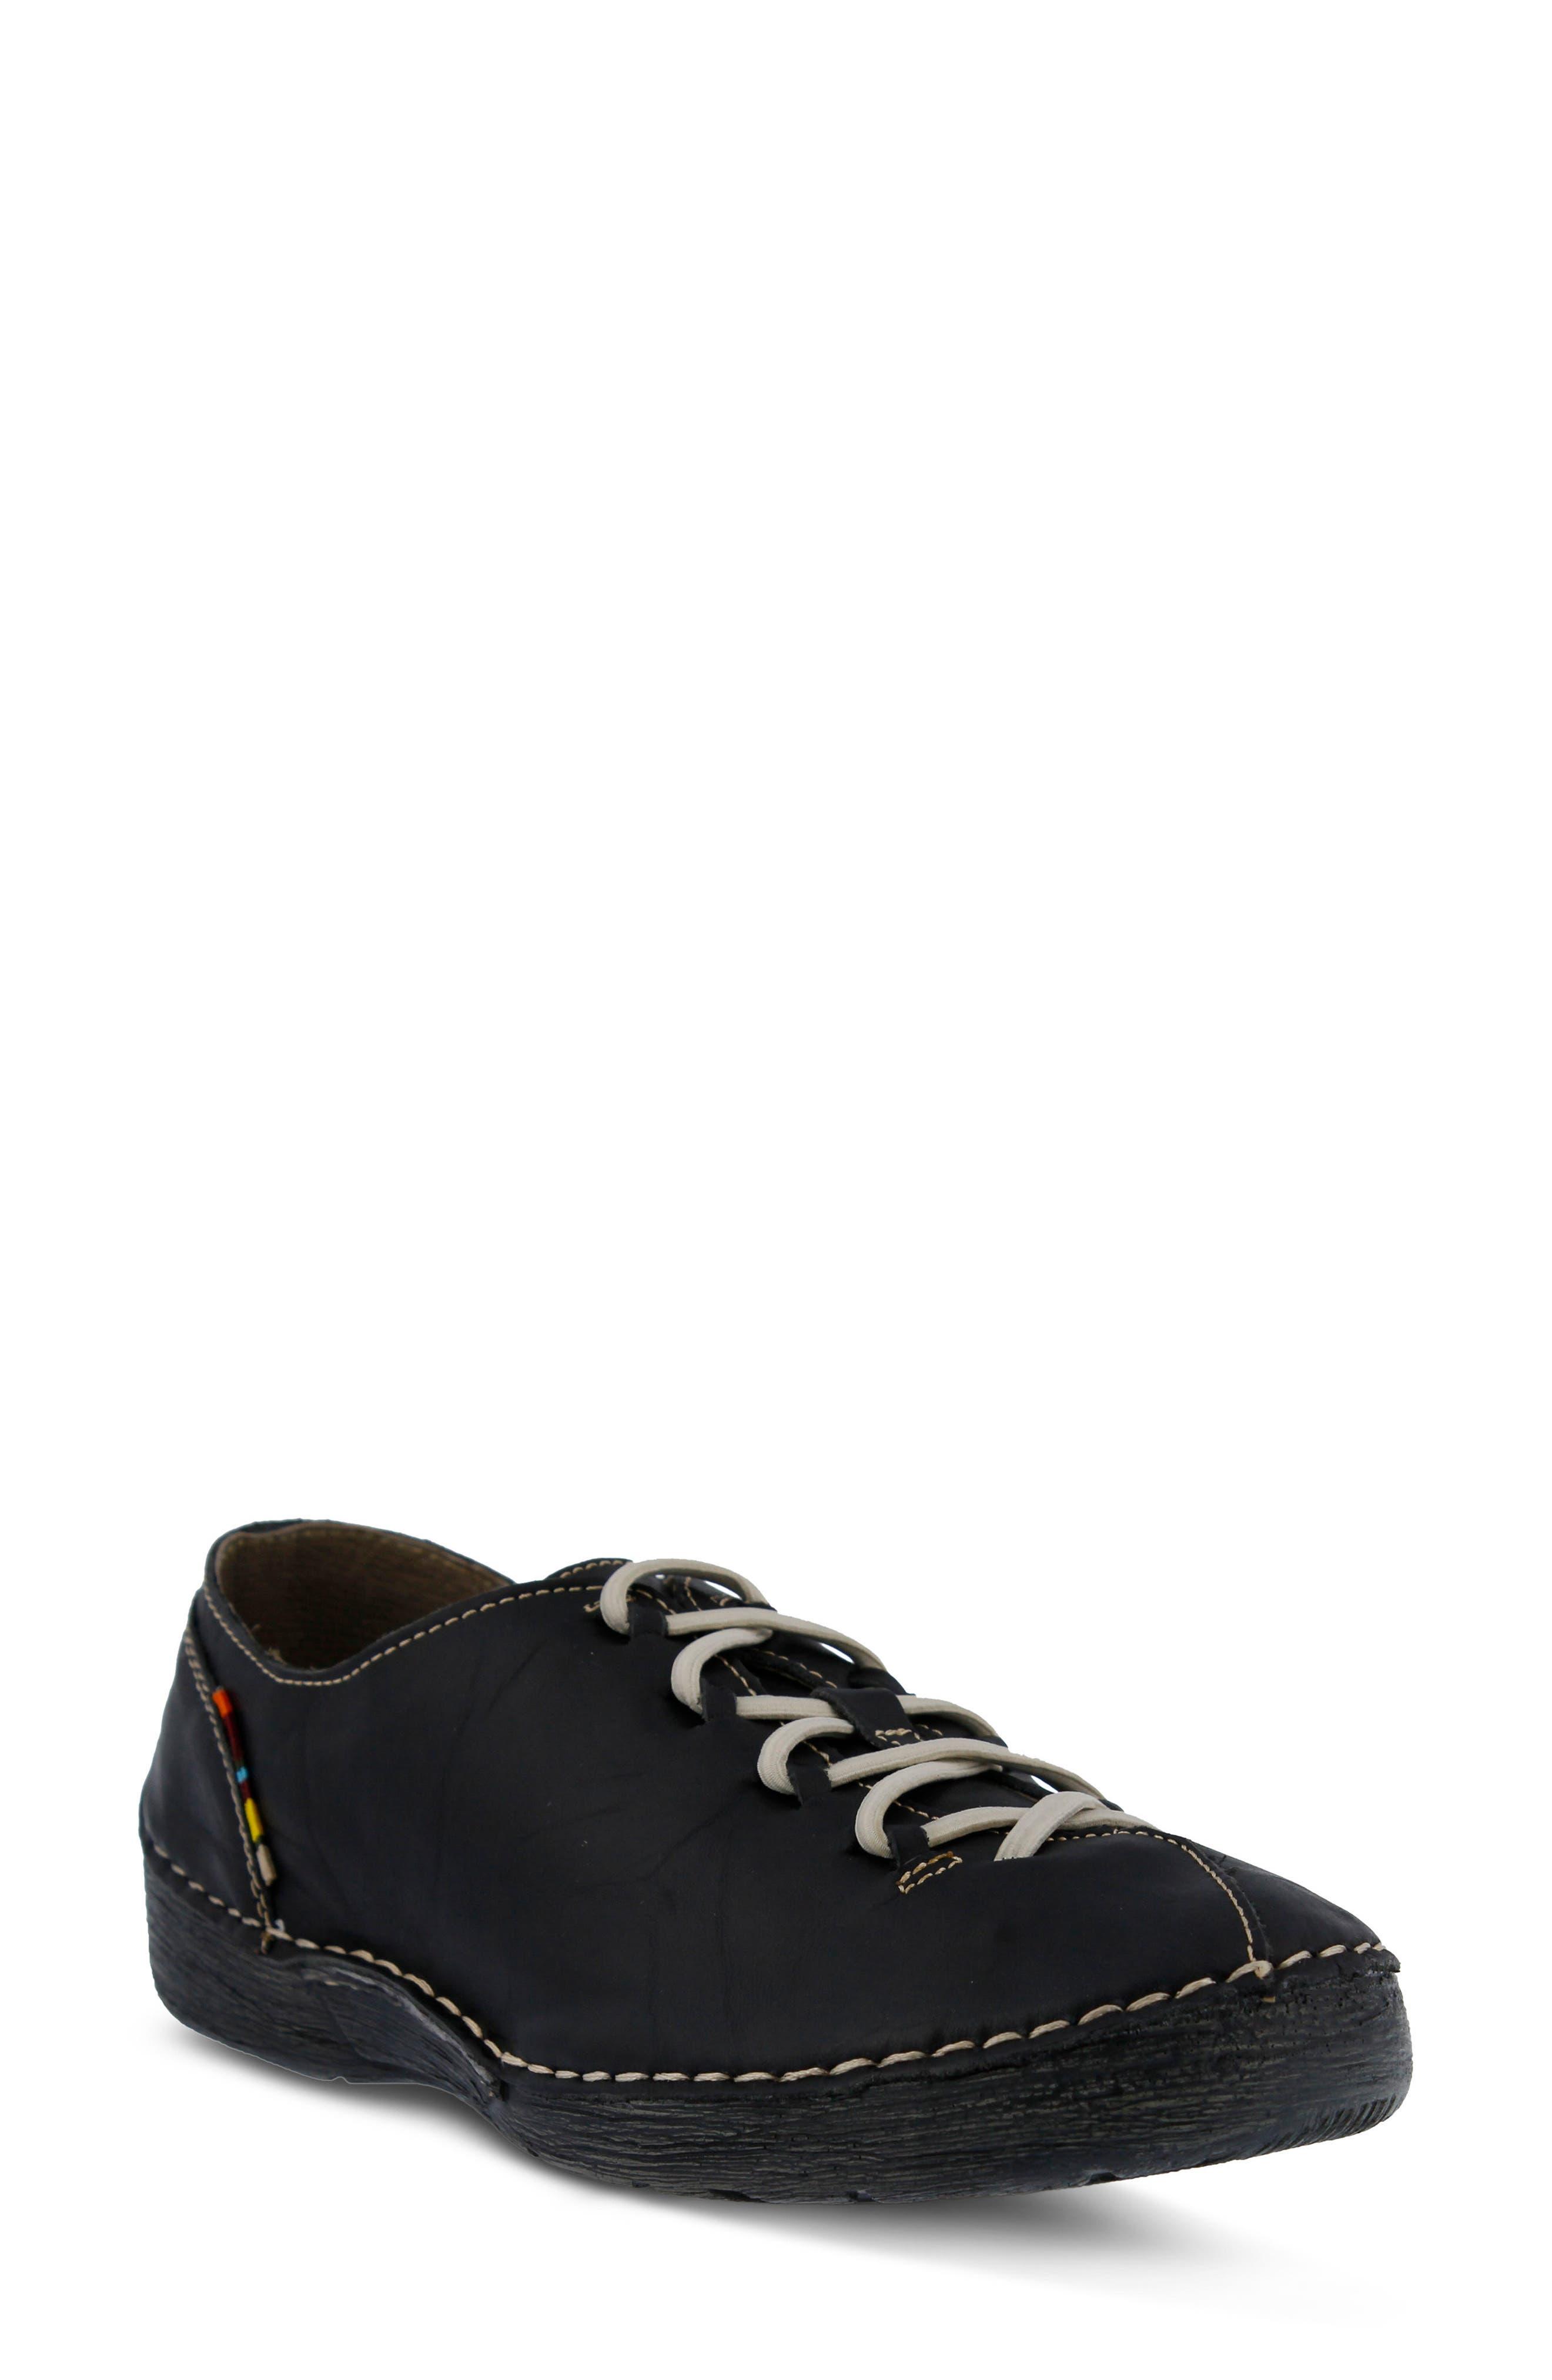 Spring Step Carhop Sneaker - Black